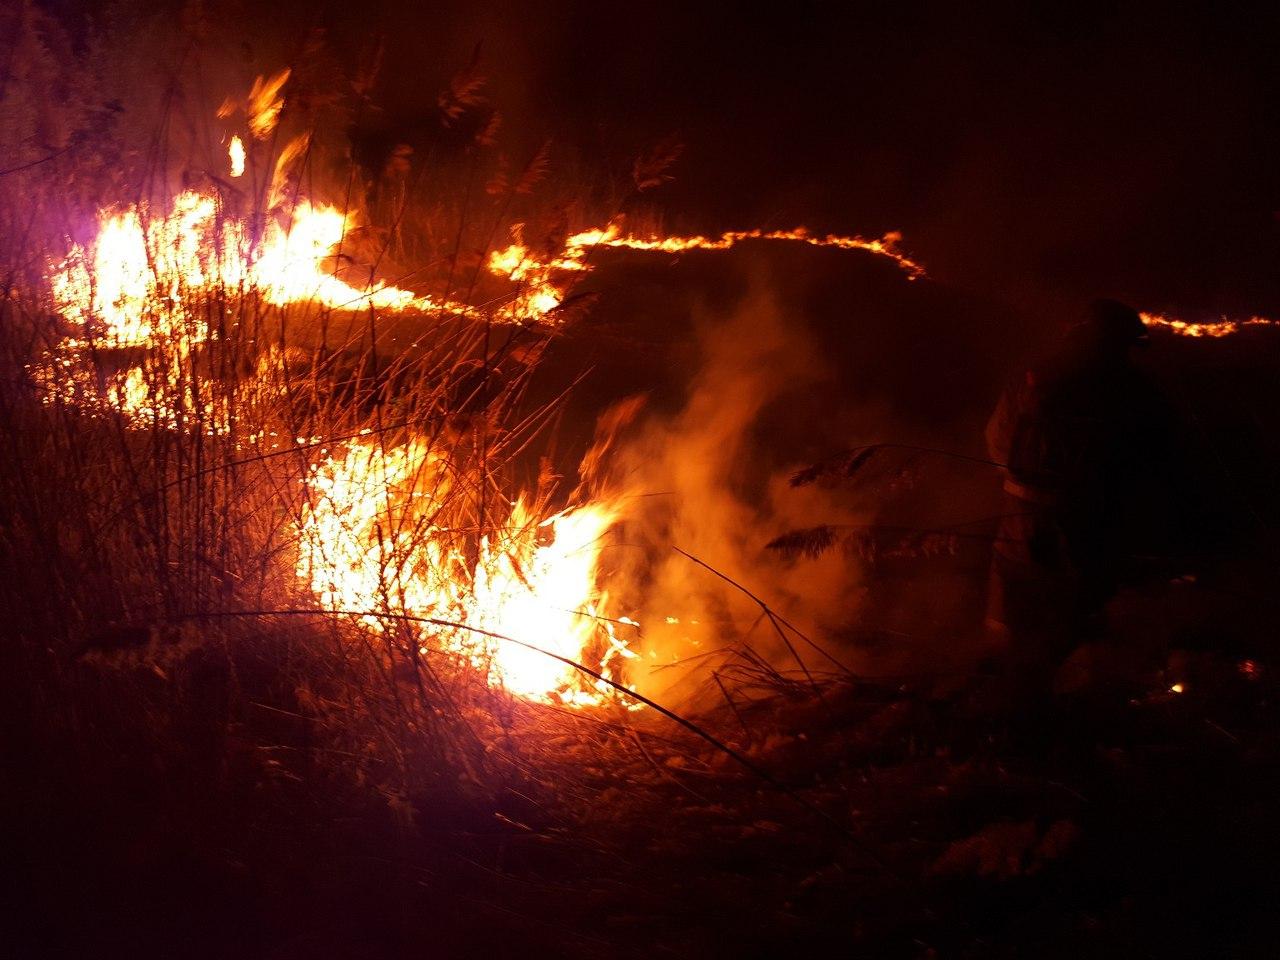 В Брянском районе неизвестные подожгли сухую траву на улице Андрея Рублева